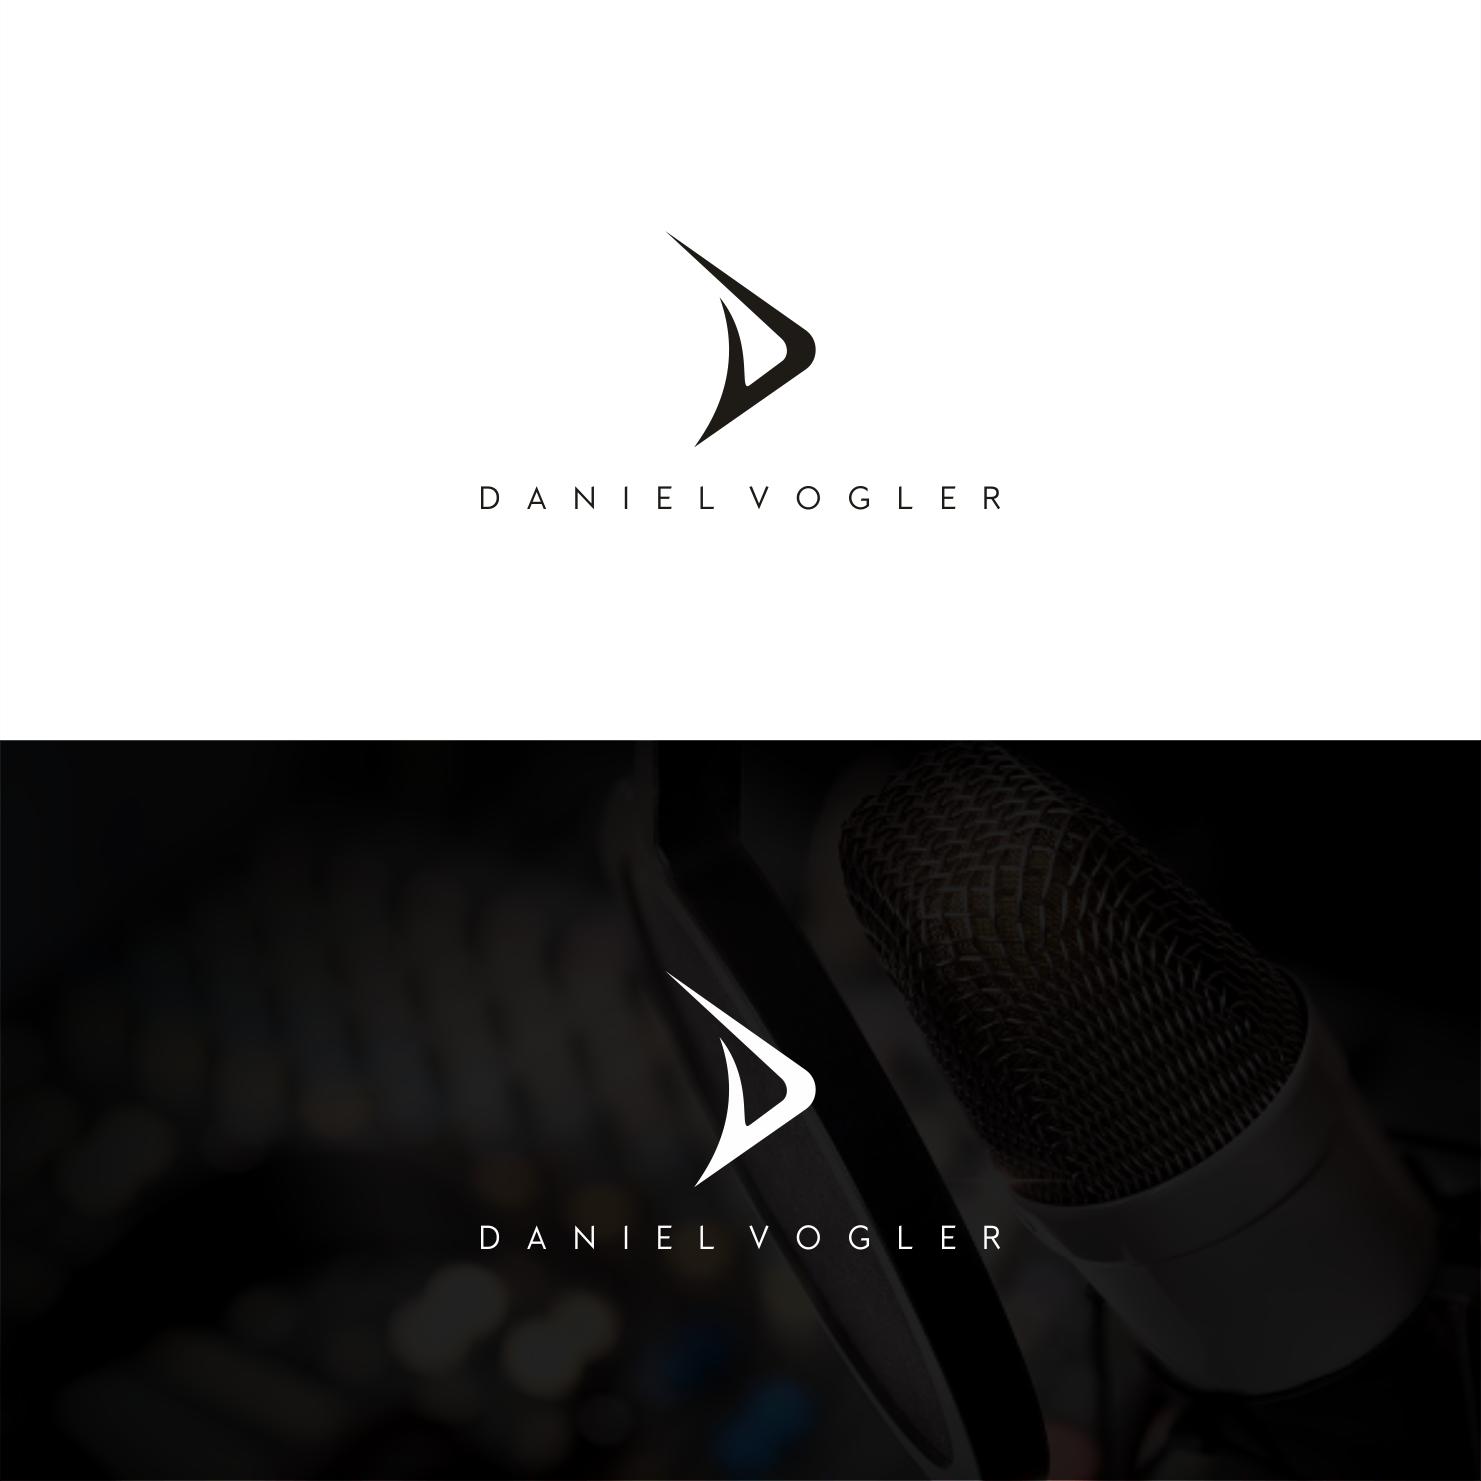 Modern, Masculine Logo Design for DANIEL VOGLER (the logo